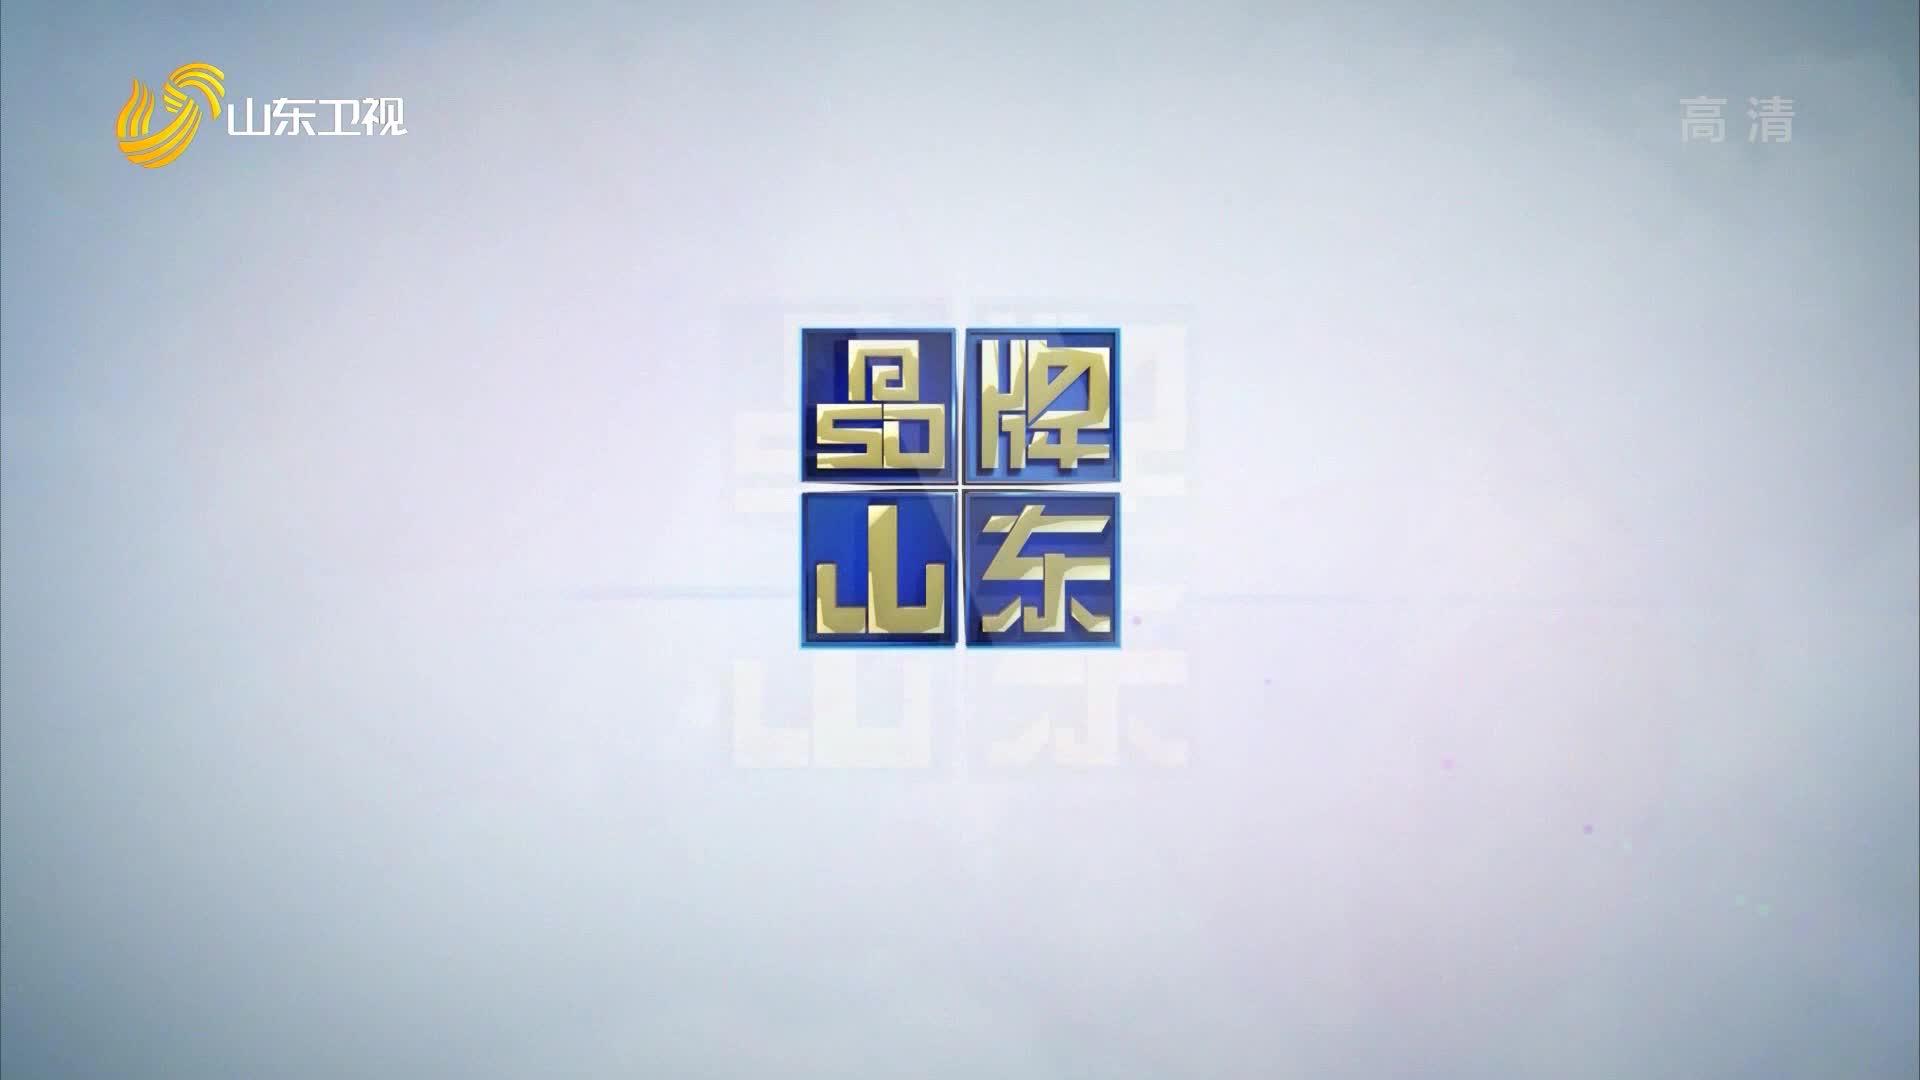 2021年02月14日《品牌山东》完整版